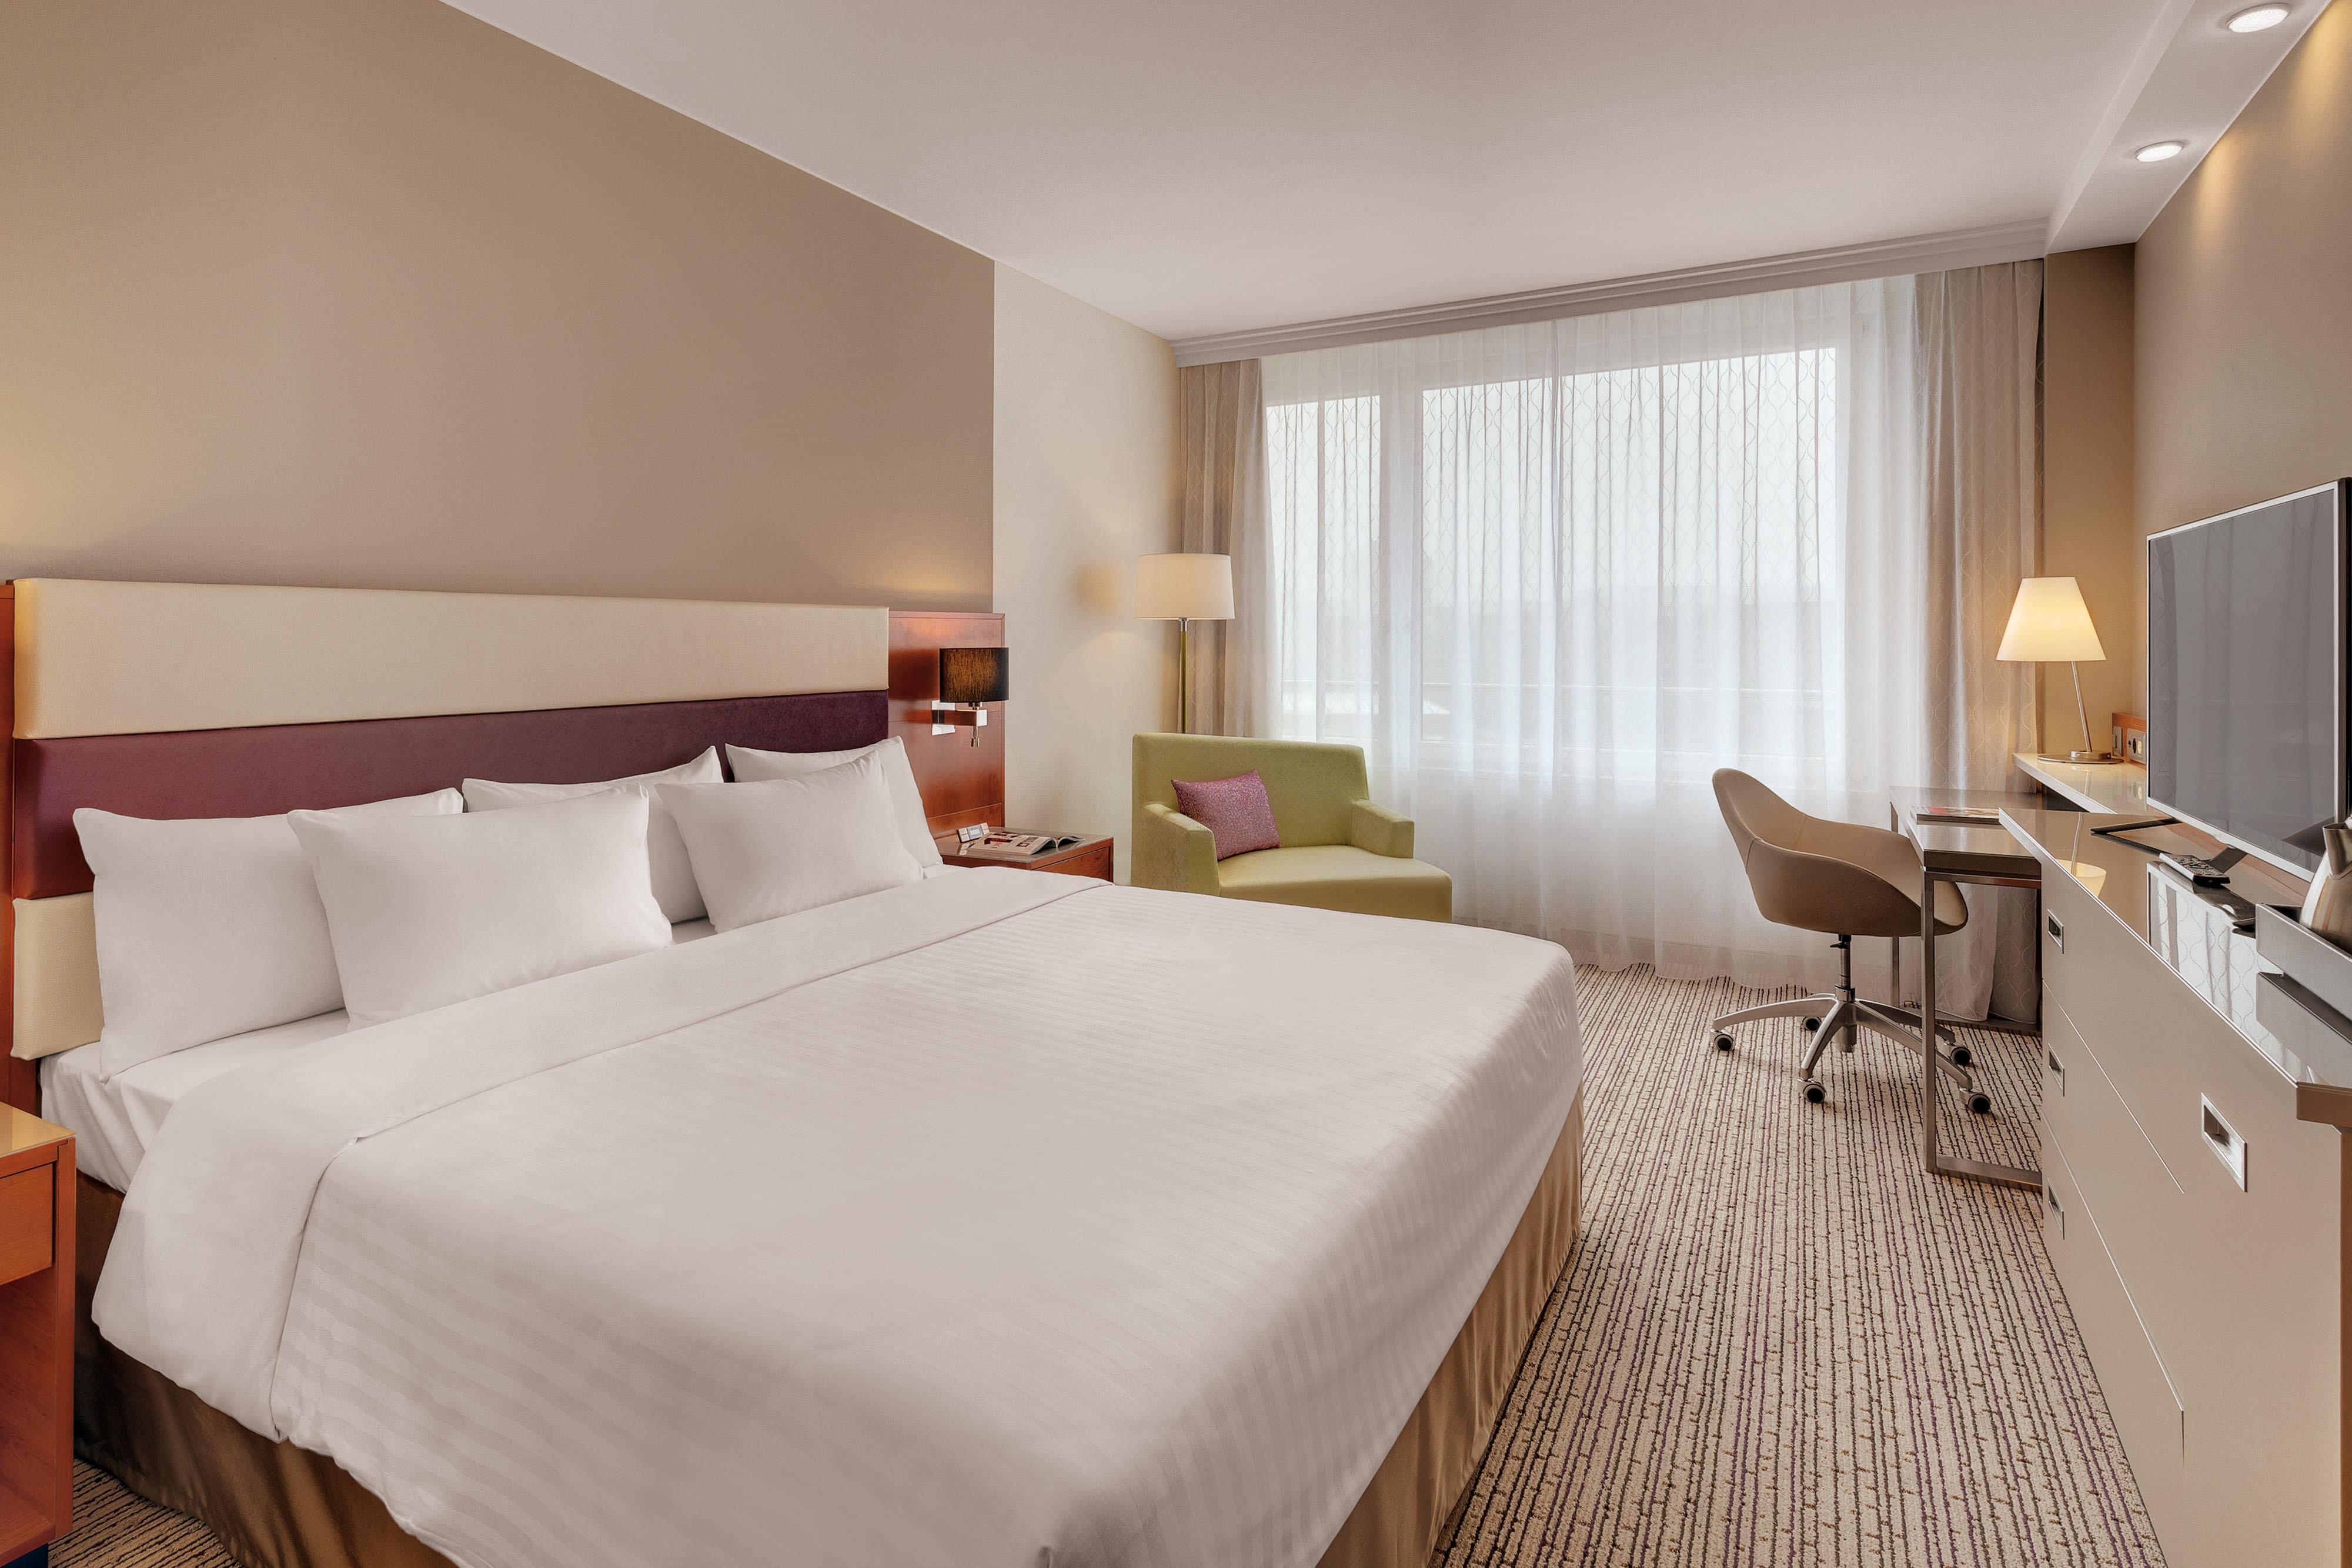 Chambre à l'hôtel Courtyard de Zurich